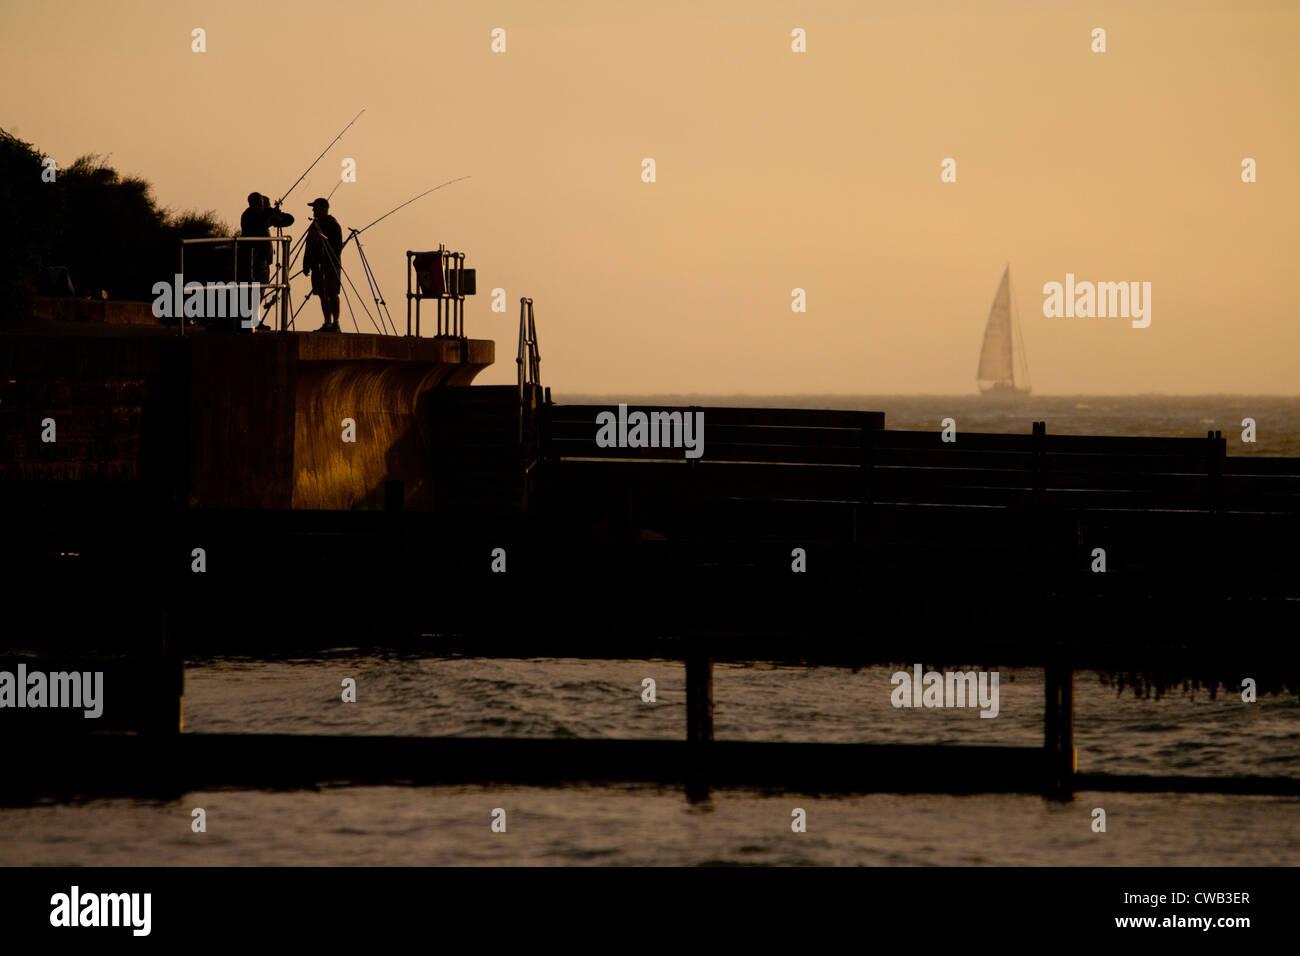 Pesca sportiva, pesca, pescatori, Seawall, pennelli, yacht, nebbia, Colwell Bay, Isle of Wight, England, Regno Unito Immagini Stock